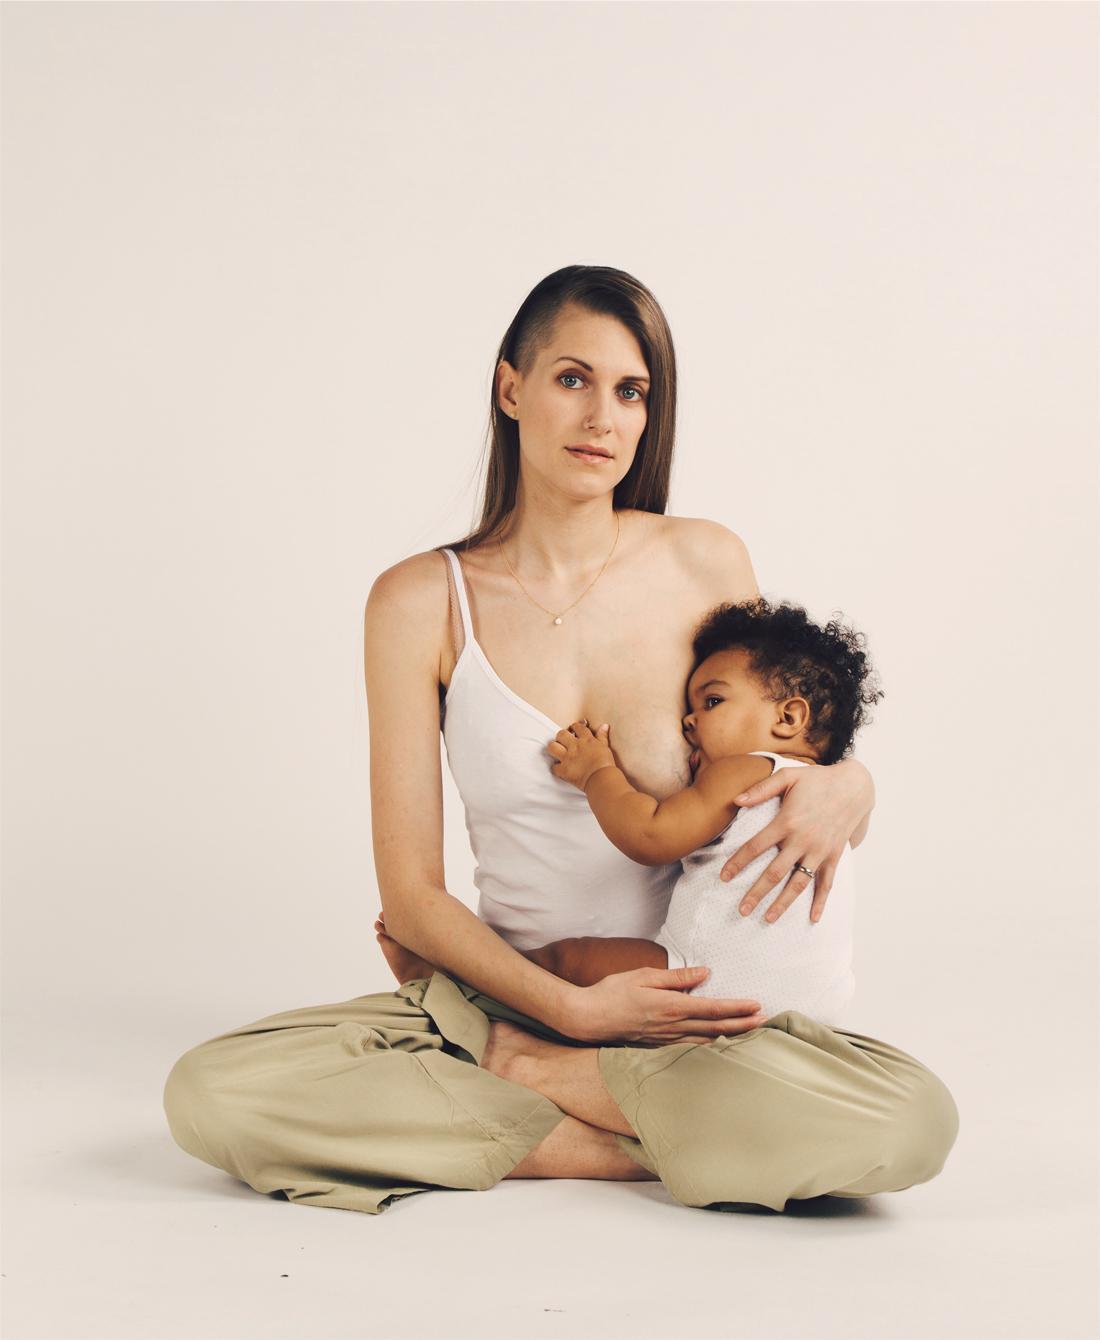 Stillen Mütter Erfahrungsbericht Stillen Schweiz Erfahrungen Muttermilch Stillende Mutter